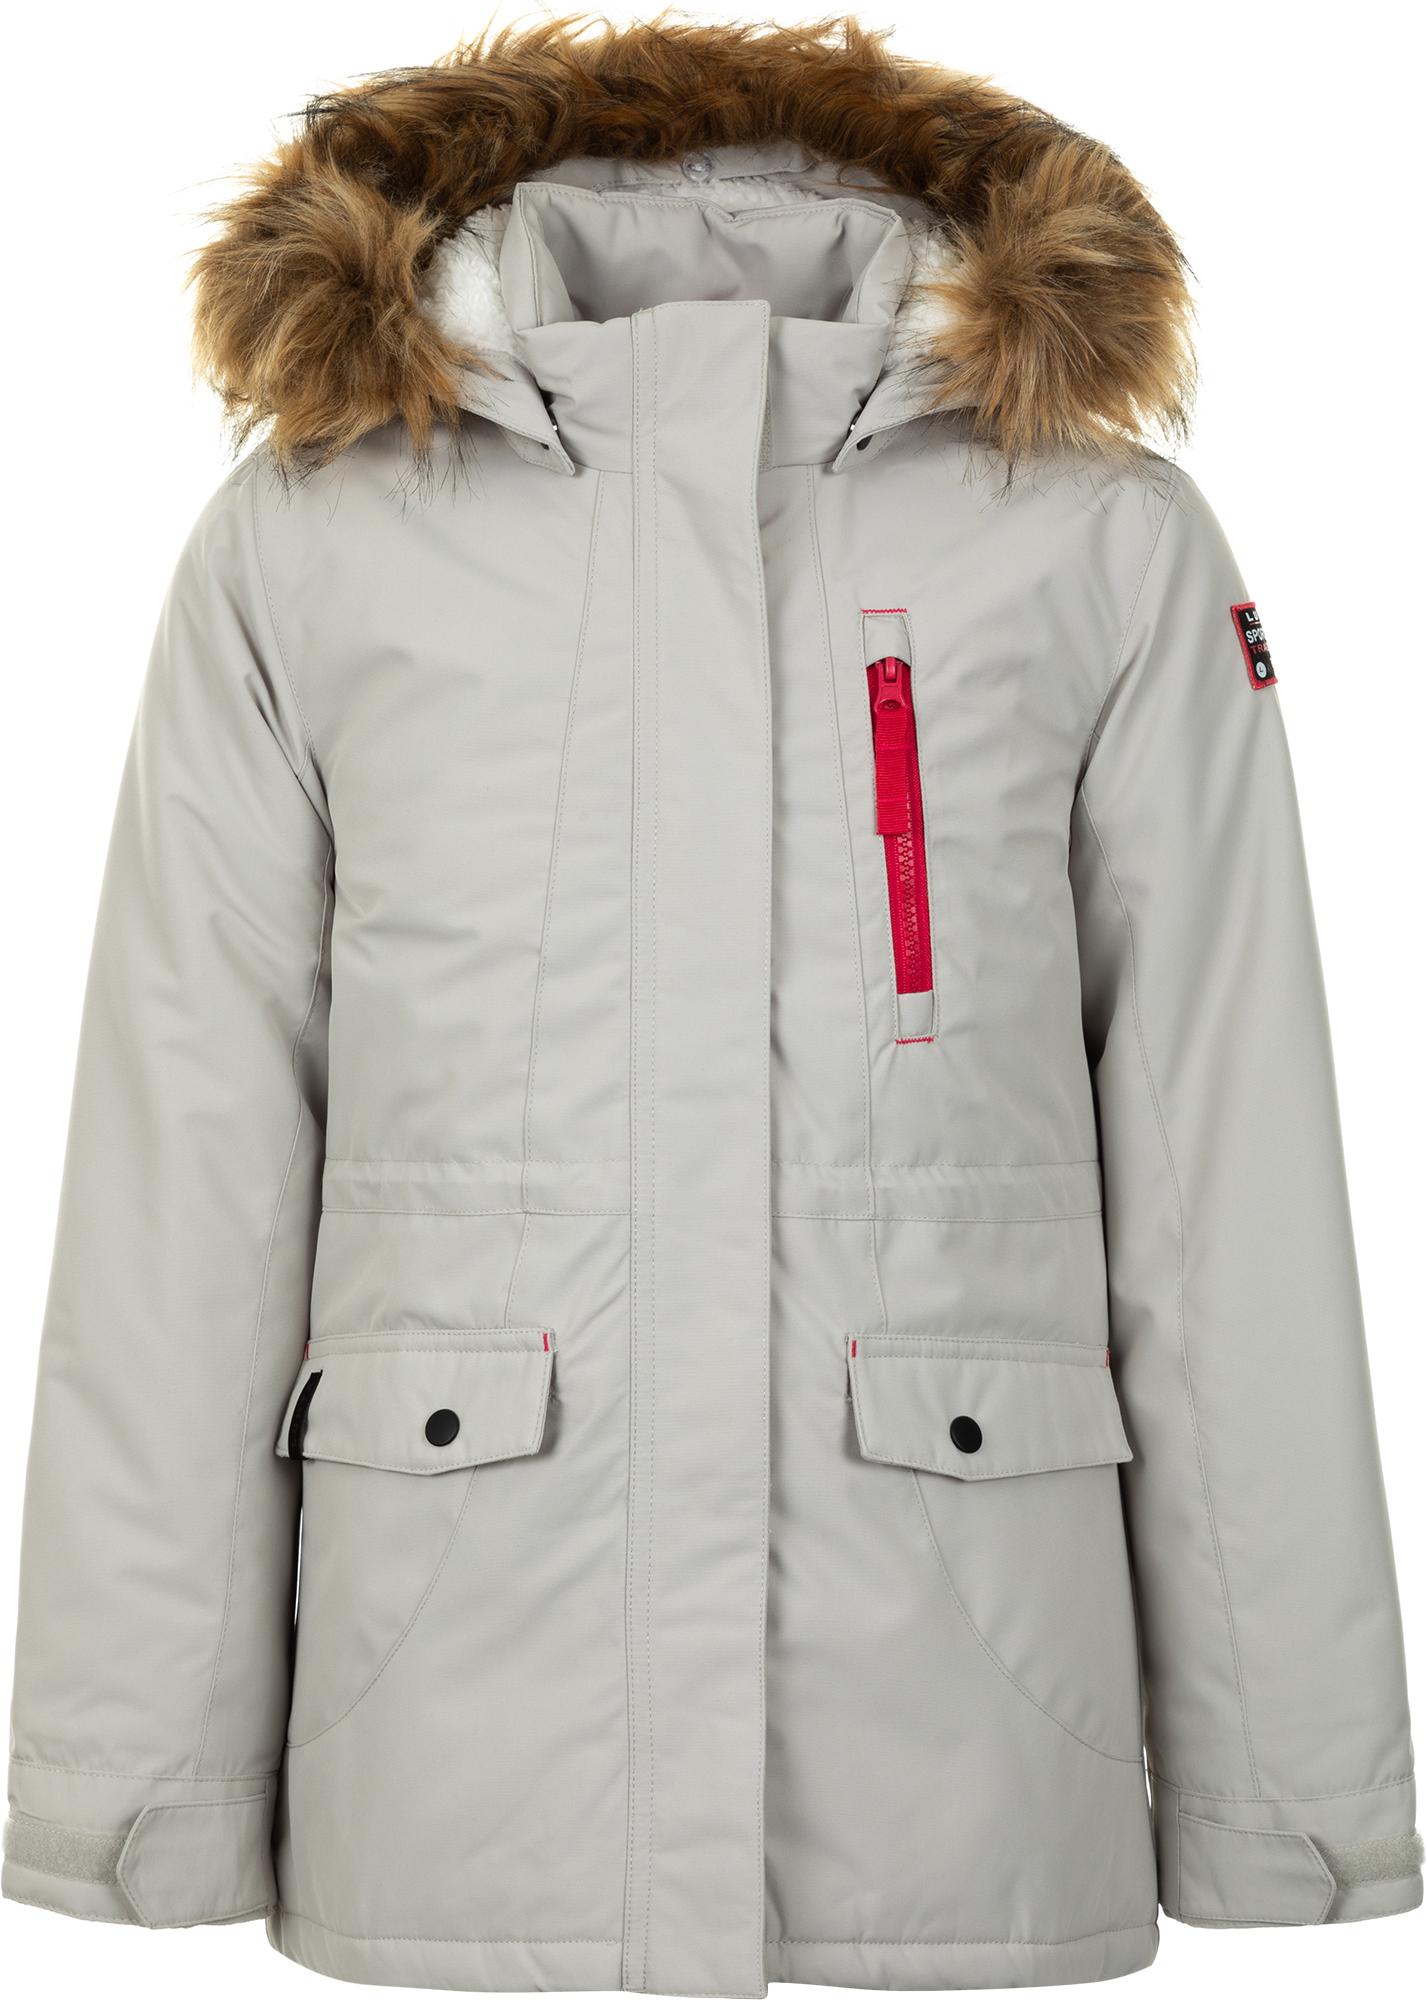 Luhta Куртка утепленная для девочек Karin, размер 164